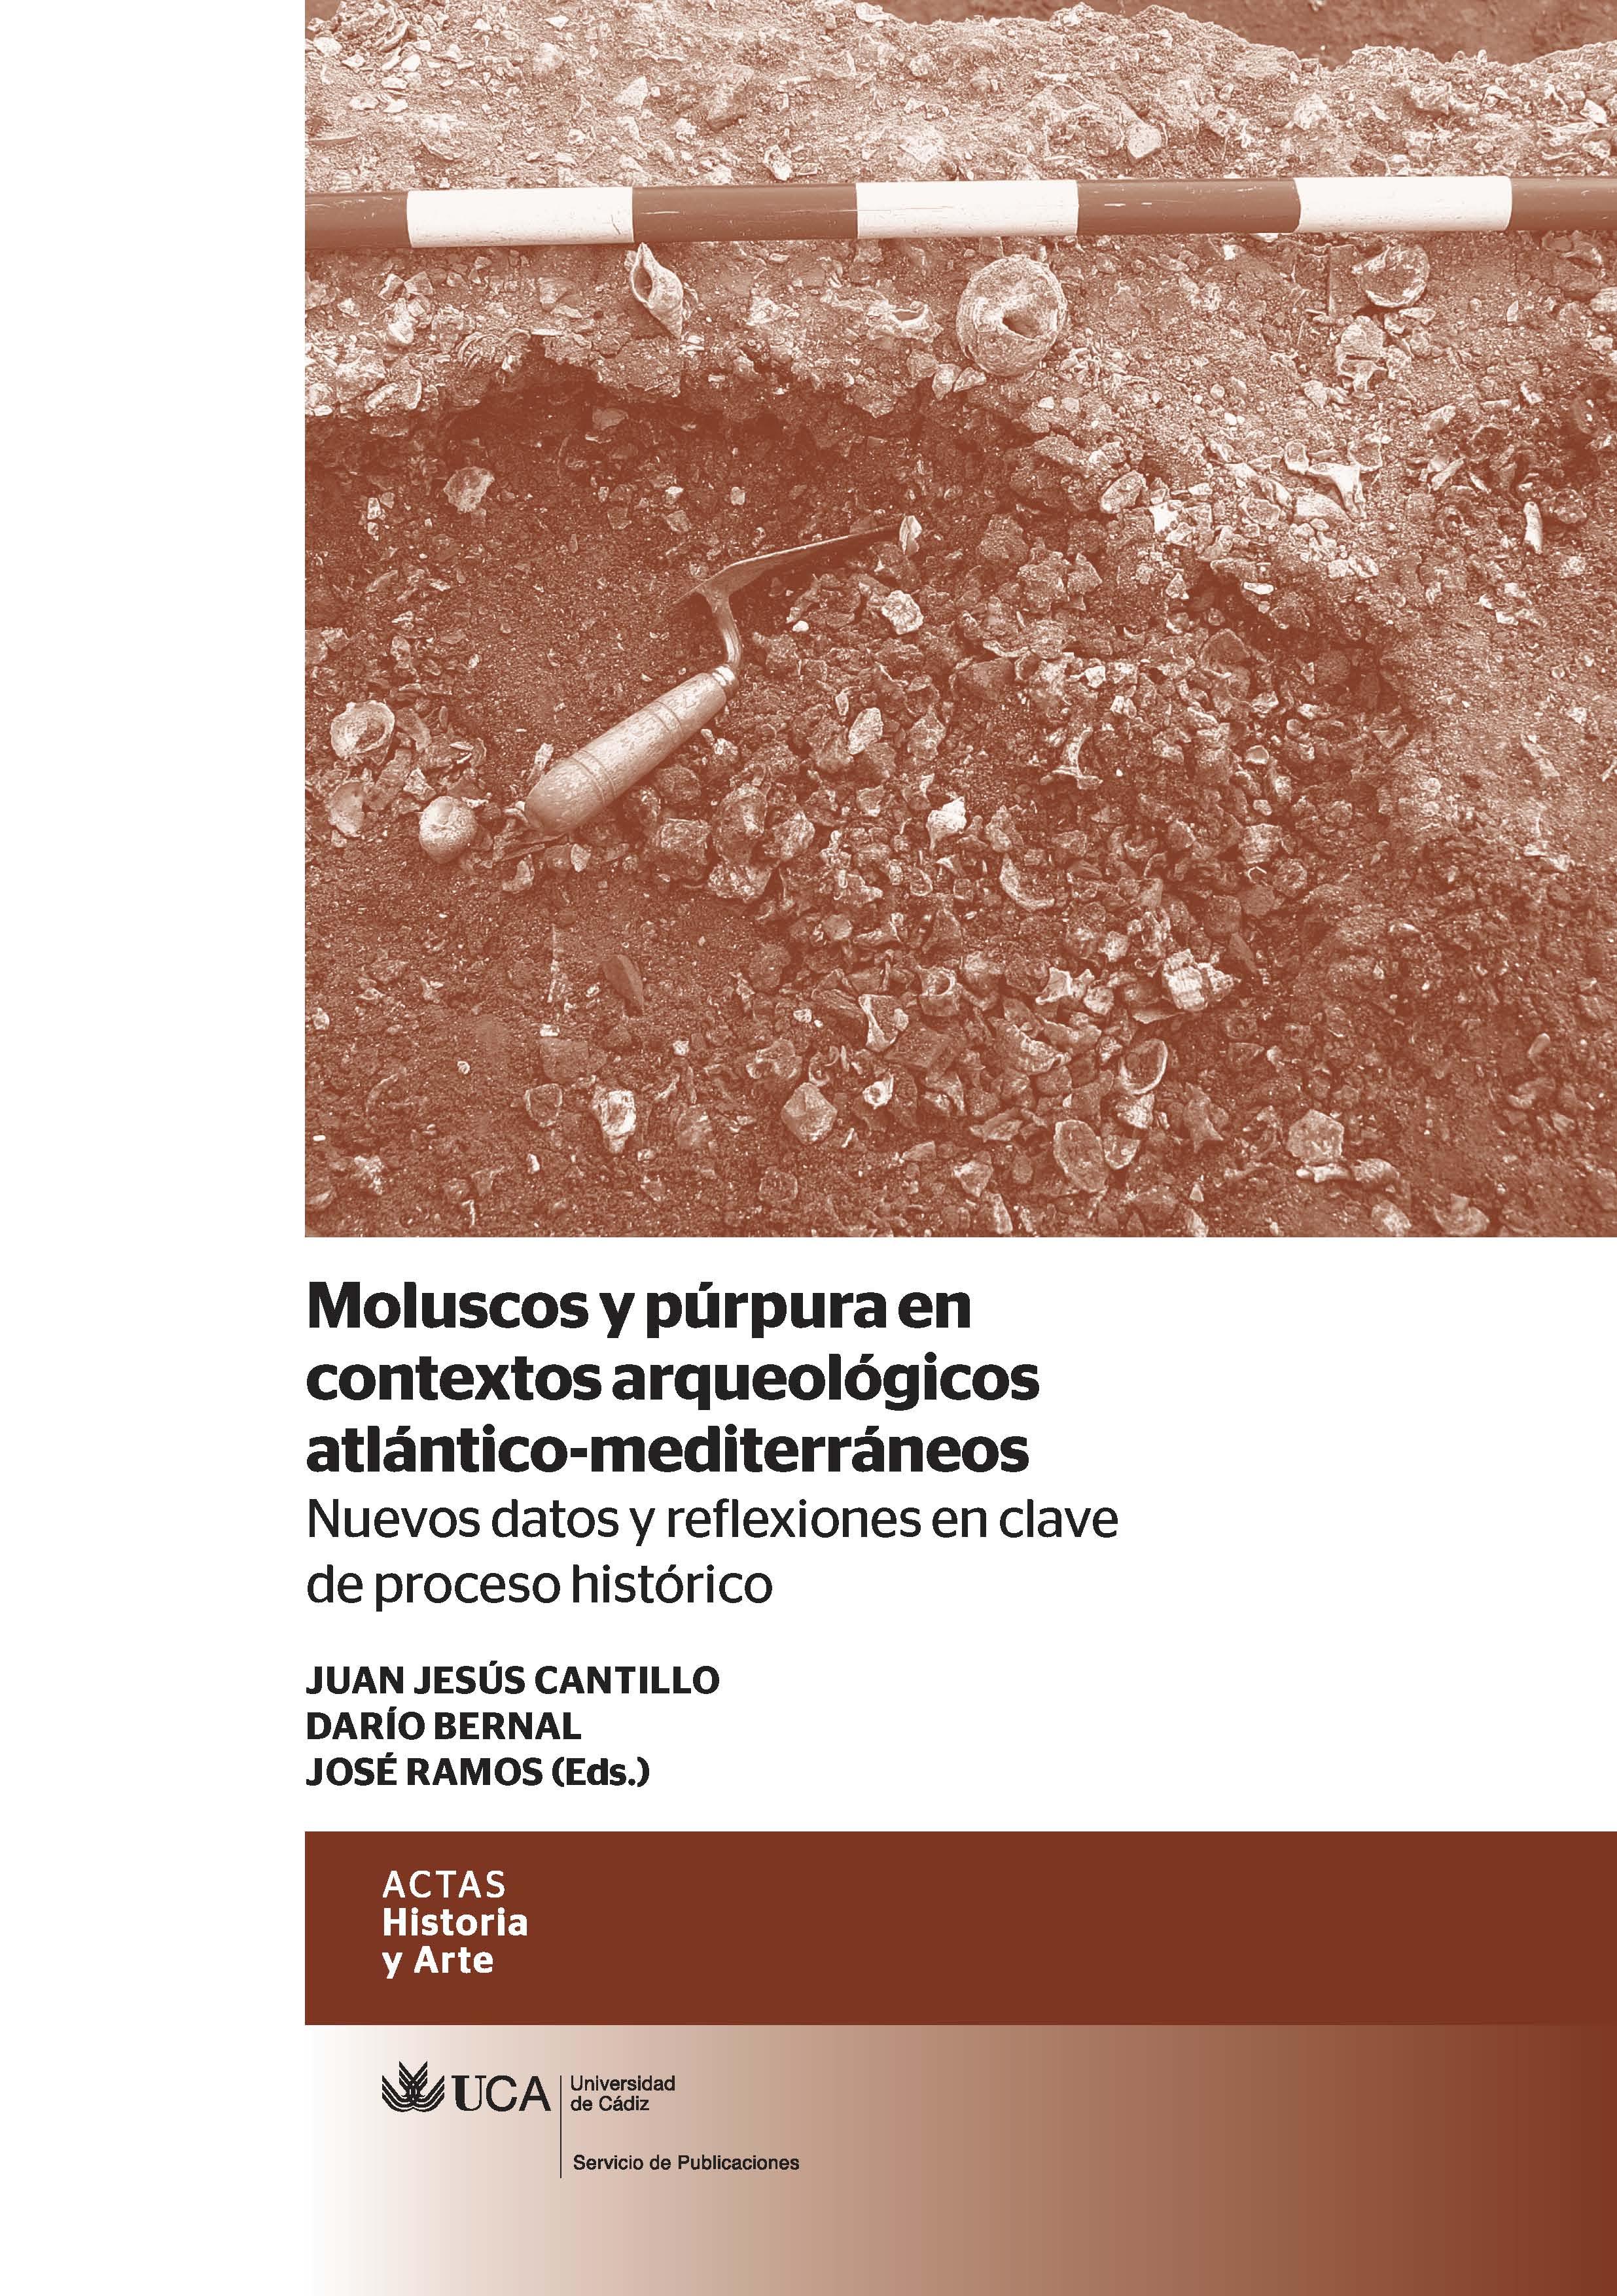 Moluscos y Púrpura en Contextos Arqueológicos Atlántico-Mediterráneos: Nuevos Datos y Reflexiones en Clave de Proceso Histórico